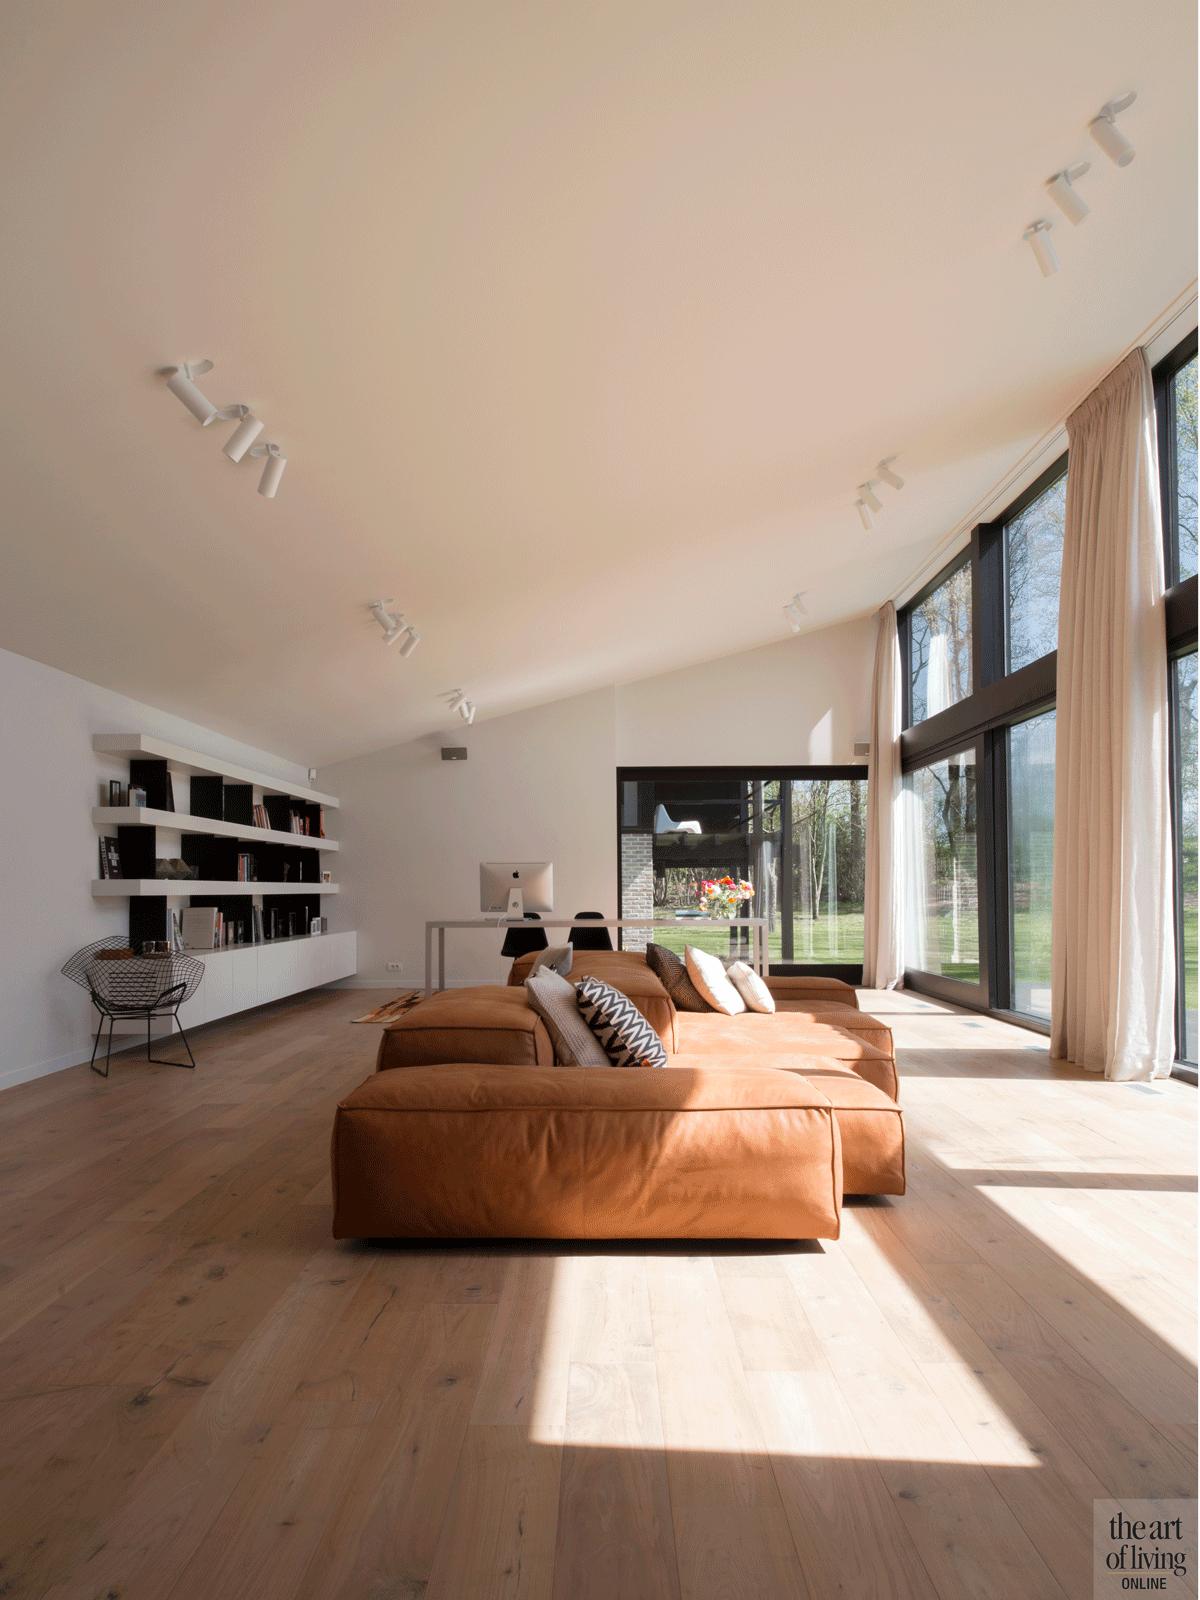 philip simoen oude hoeve renovatie marmer exclusief interieur interieurontwerper the